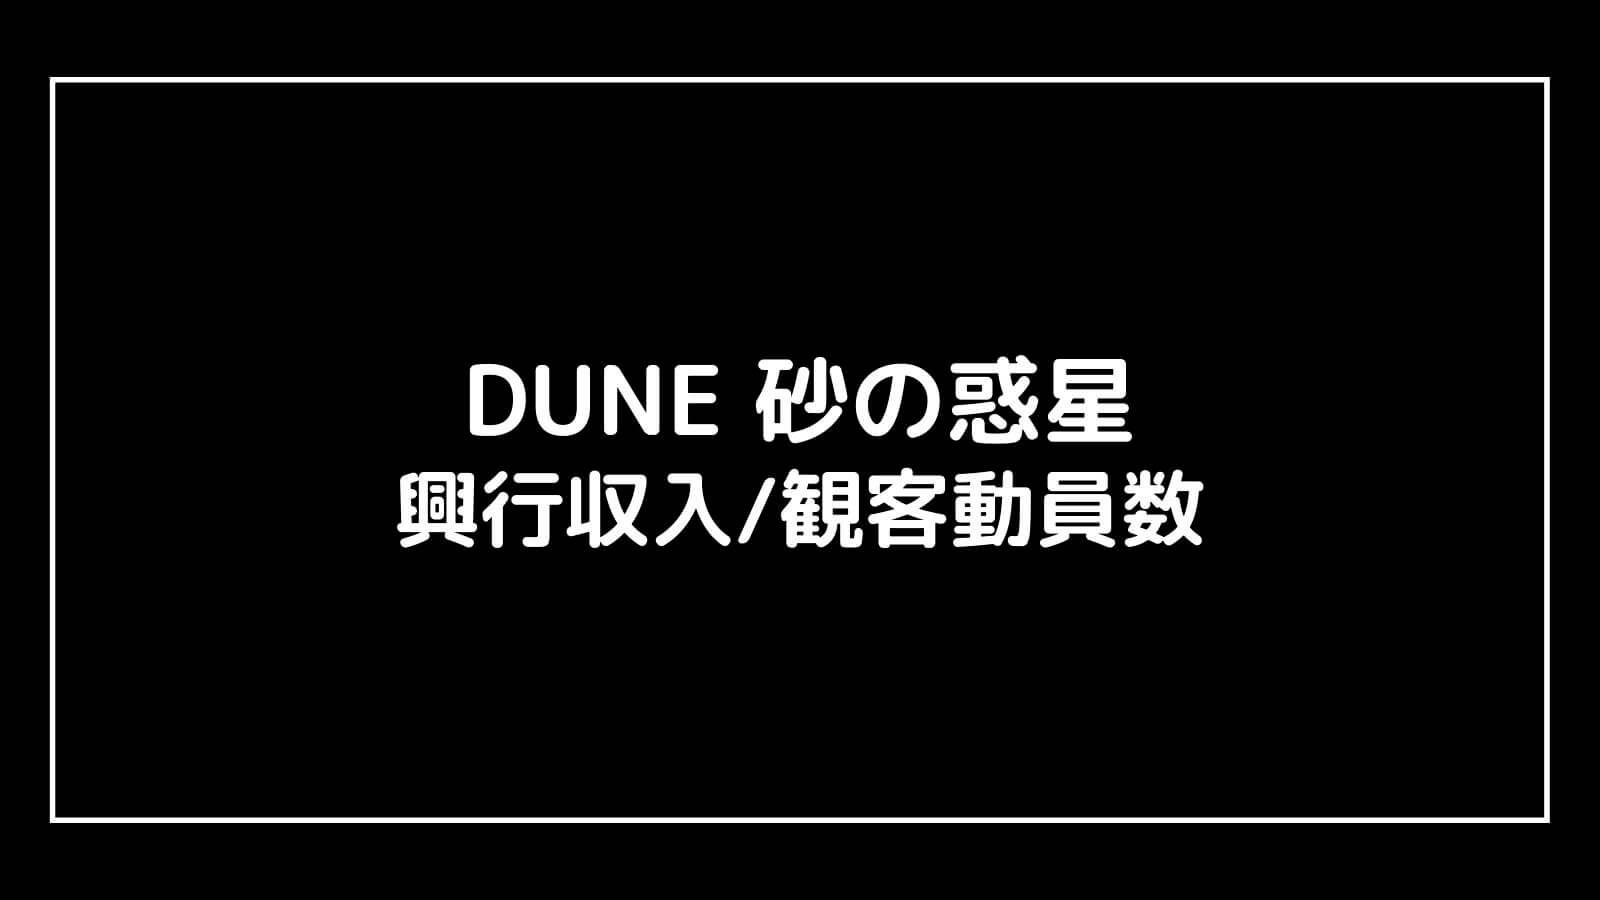 映画『DUNE デューン 砂の惑星』興行収入推移と最終興収を元映画館社員が予想